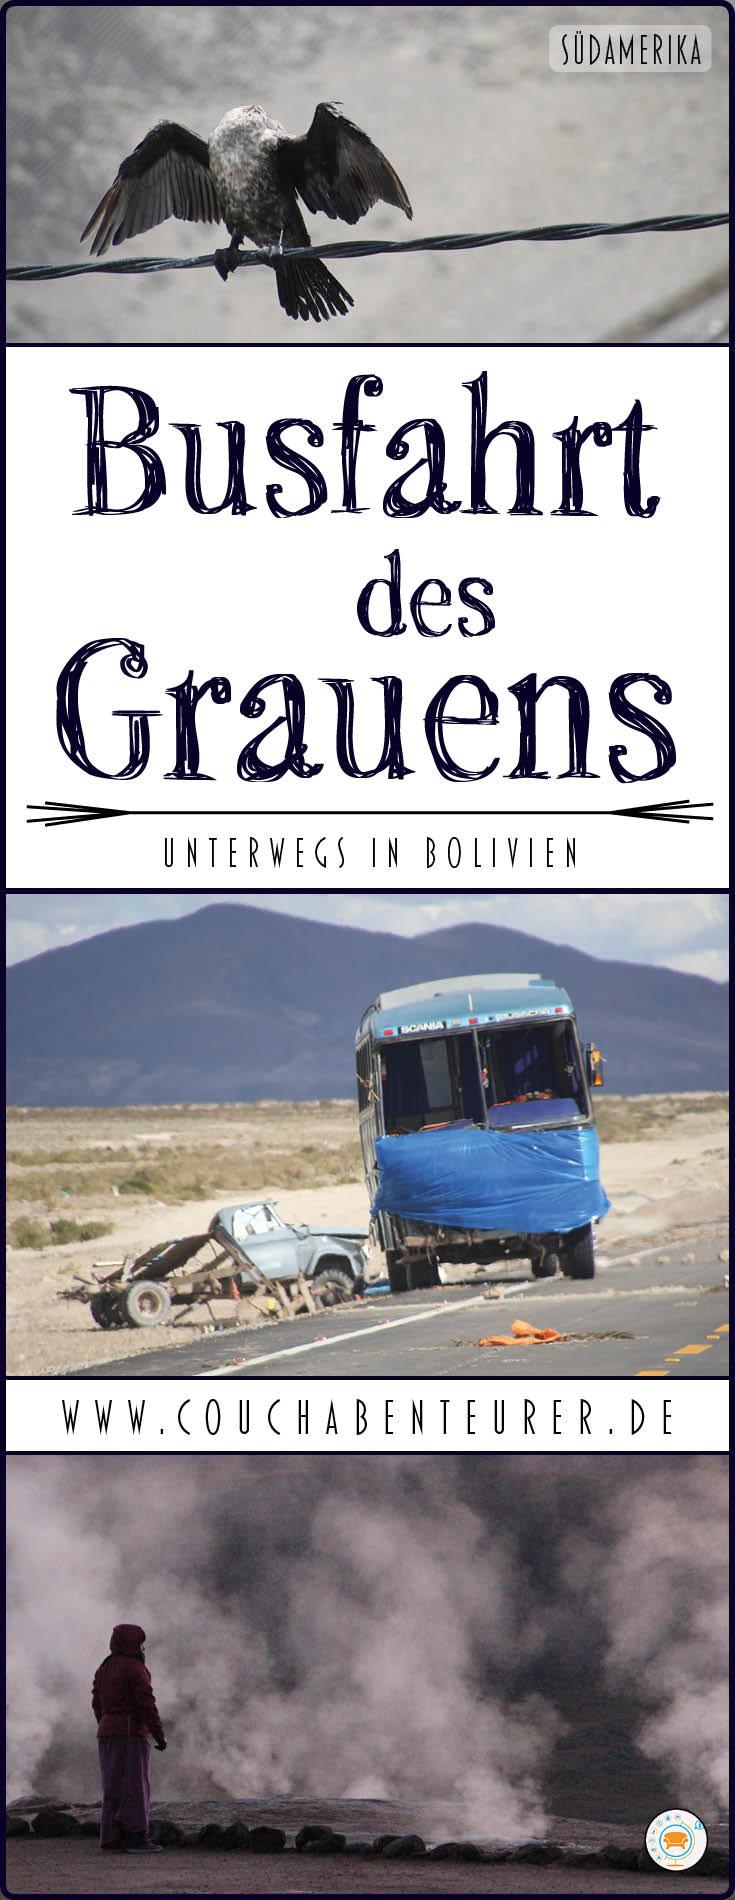 Busfahrt_des_Grauens-unterwegs-in-bolivien